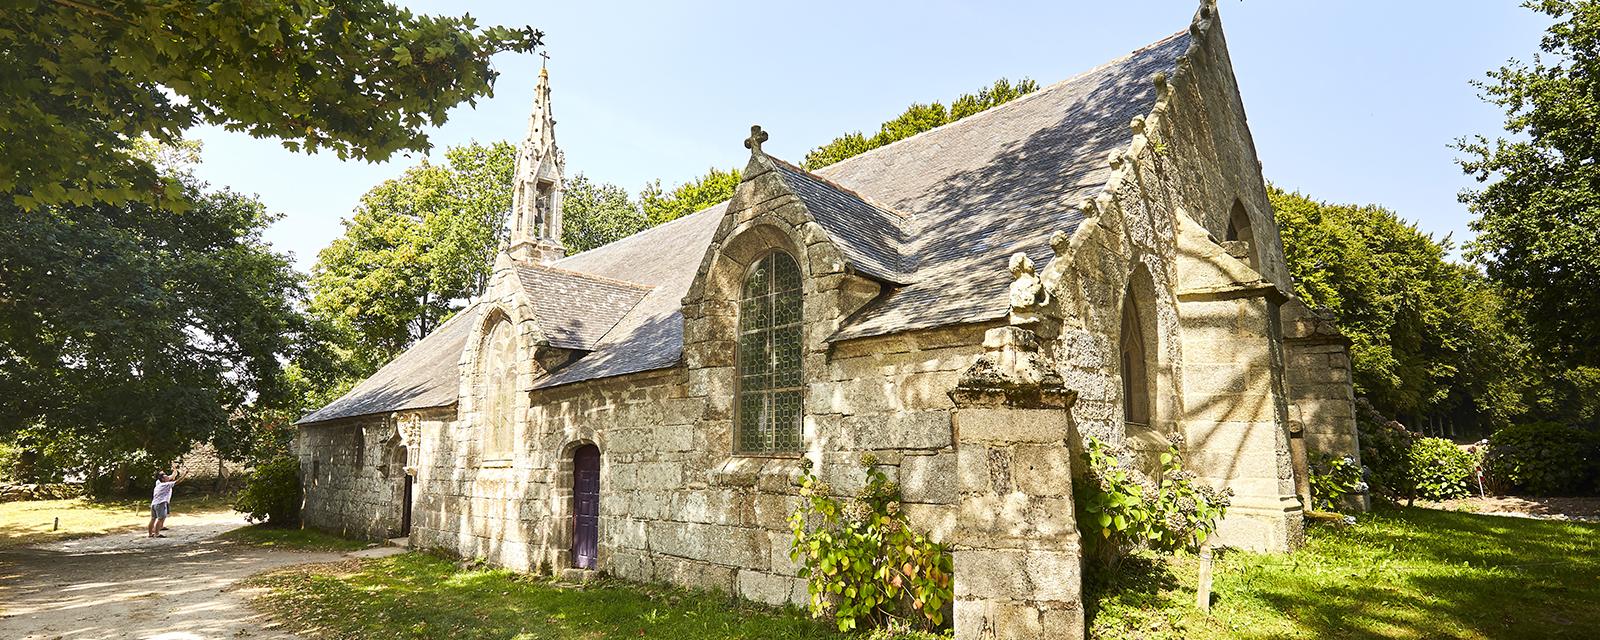 La chapelle de Trémalo à Pont-Aven